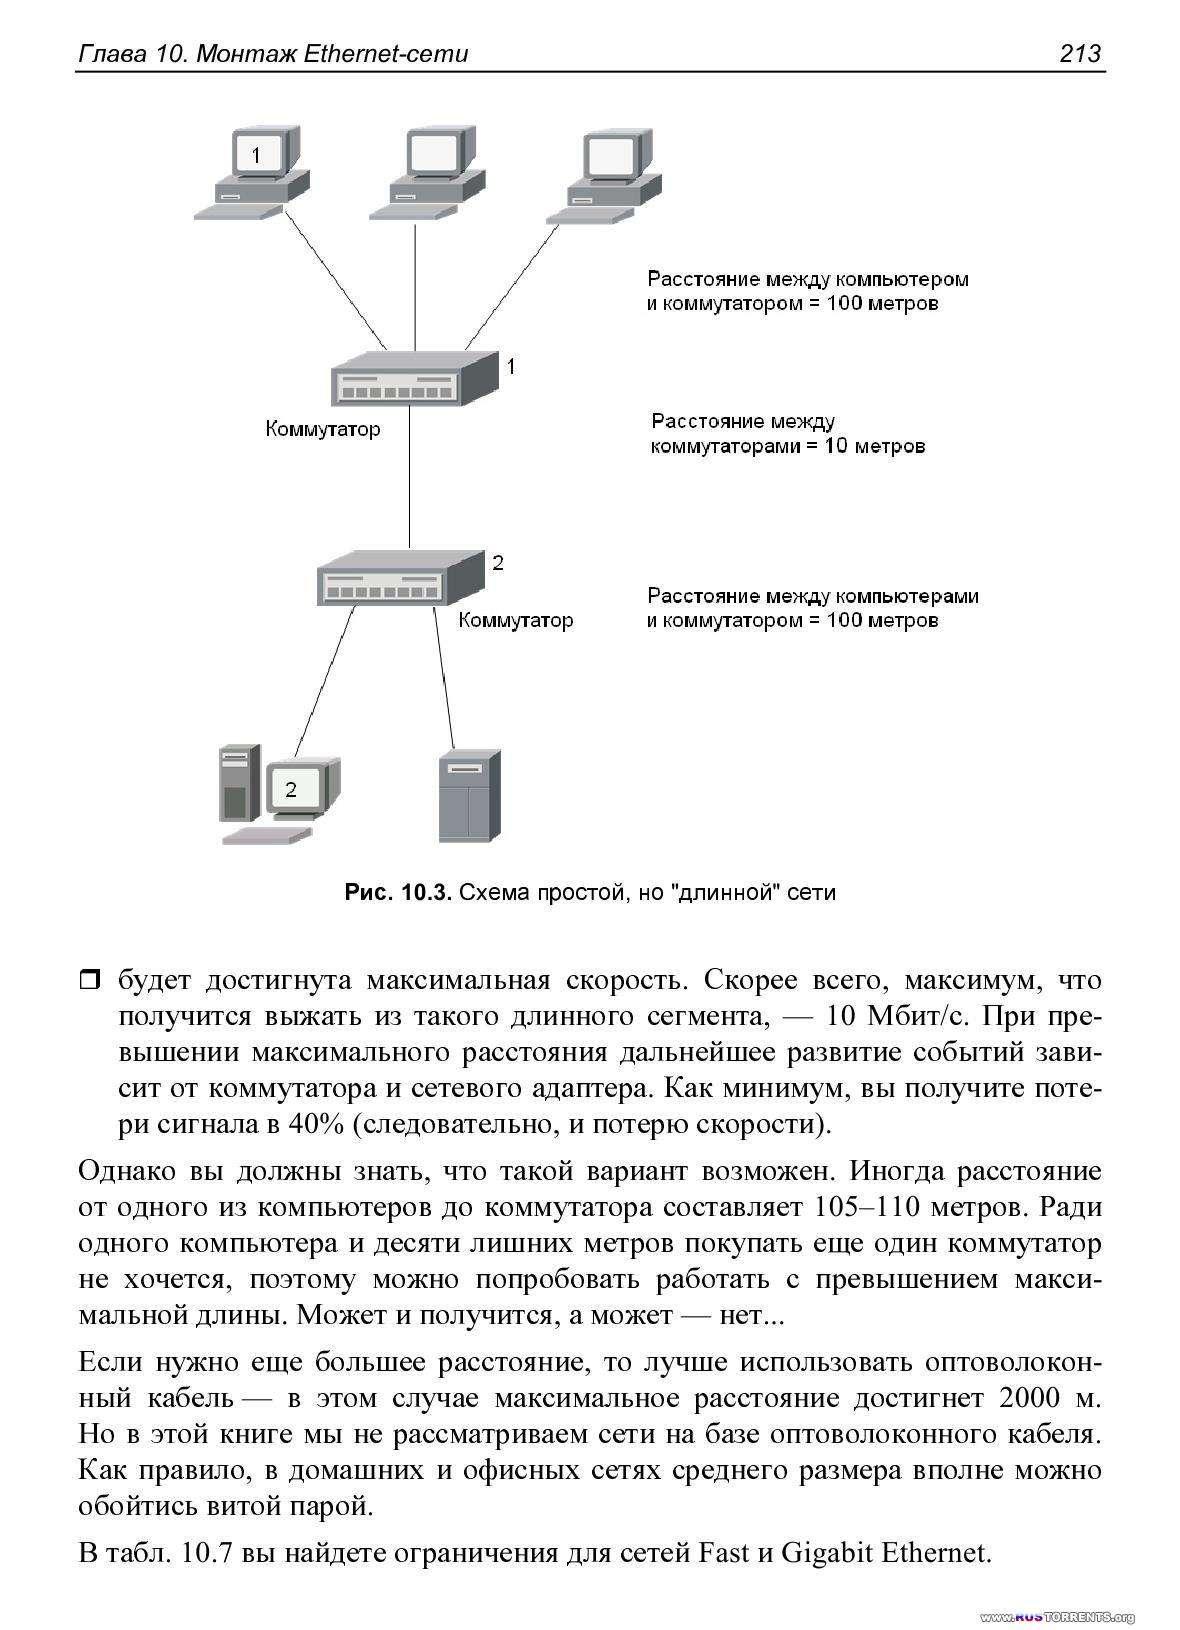 Беспроводная сеть дома и в офисе | PDF